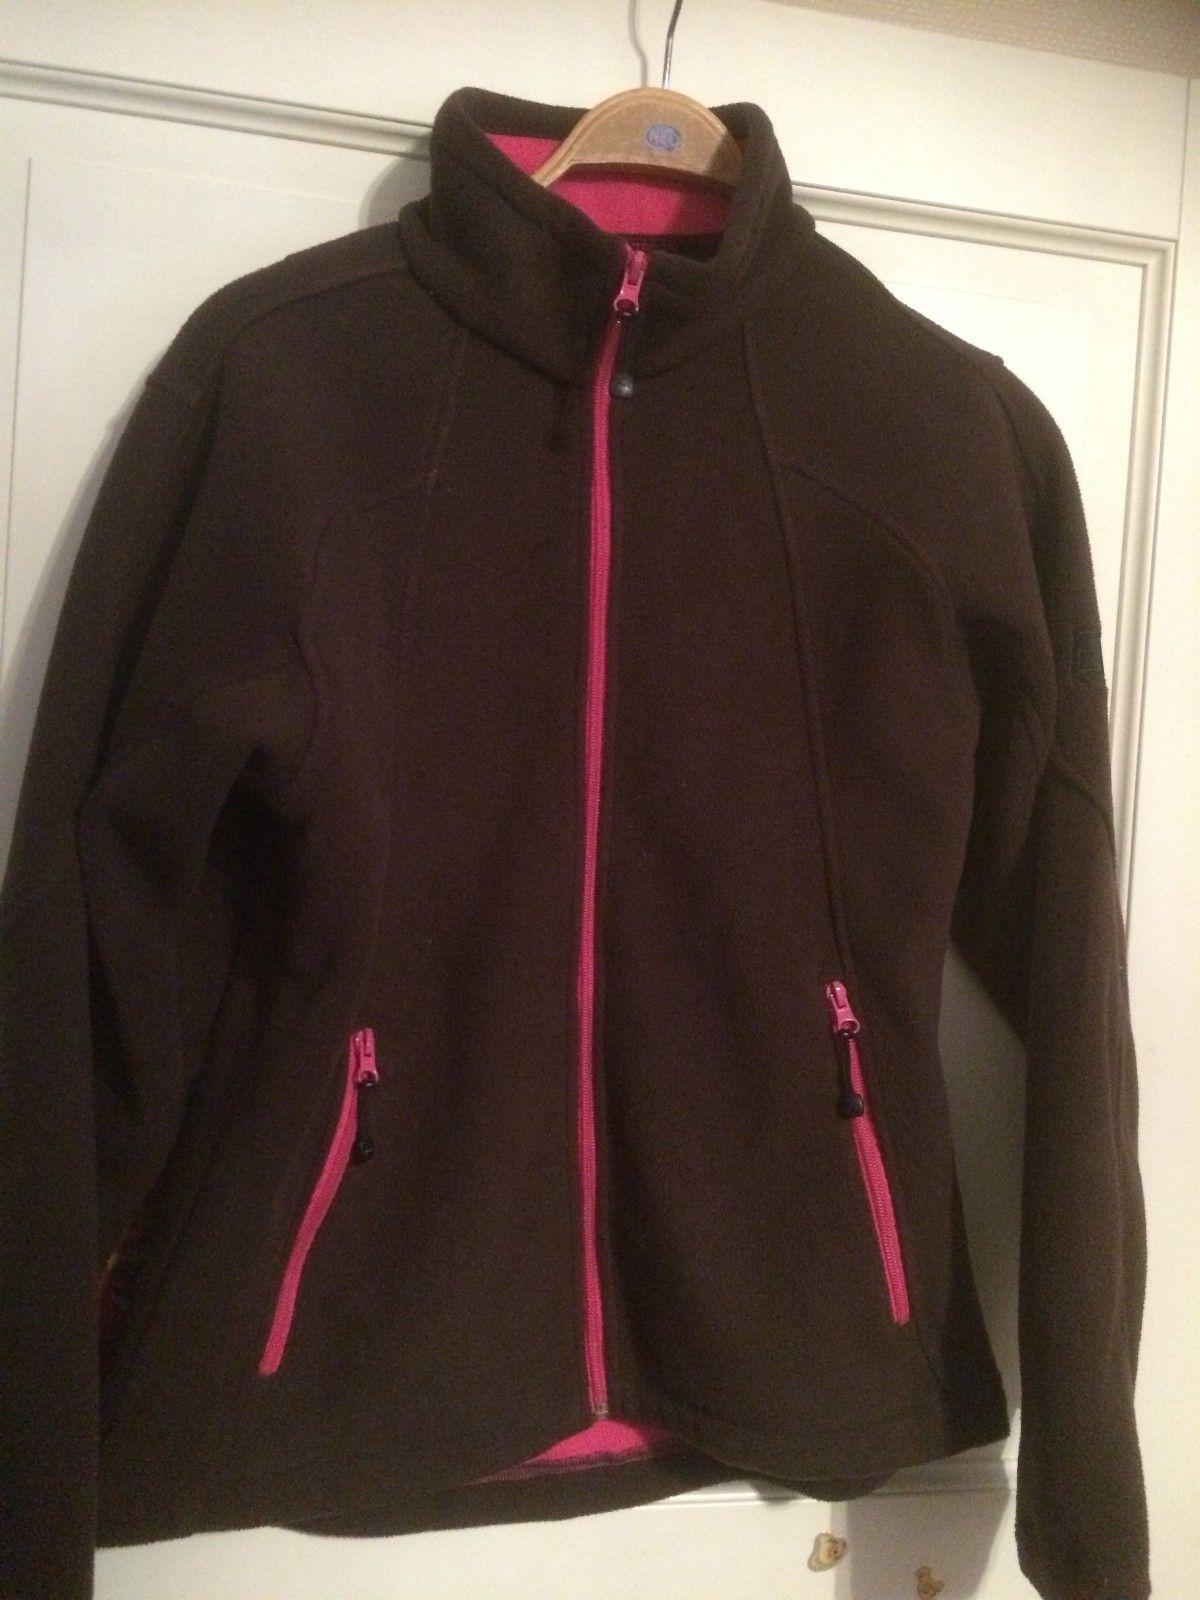 074fe7f2 Deilig fleece jakke fra 24 outdoor str.l. Fin fargekombinasjon av brun og  rosa. Kr. 75,- (1/12)